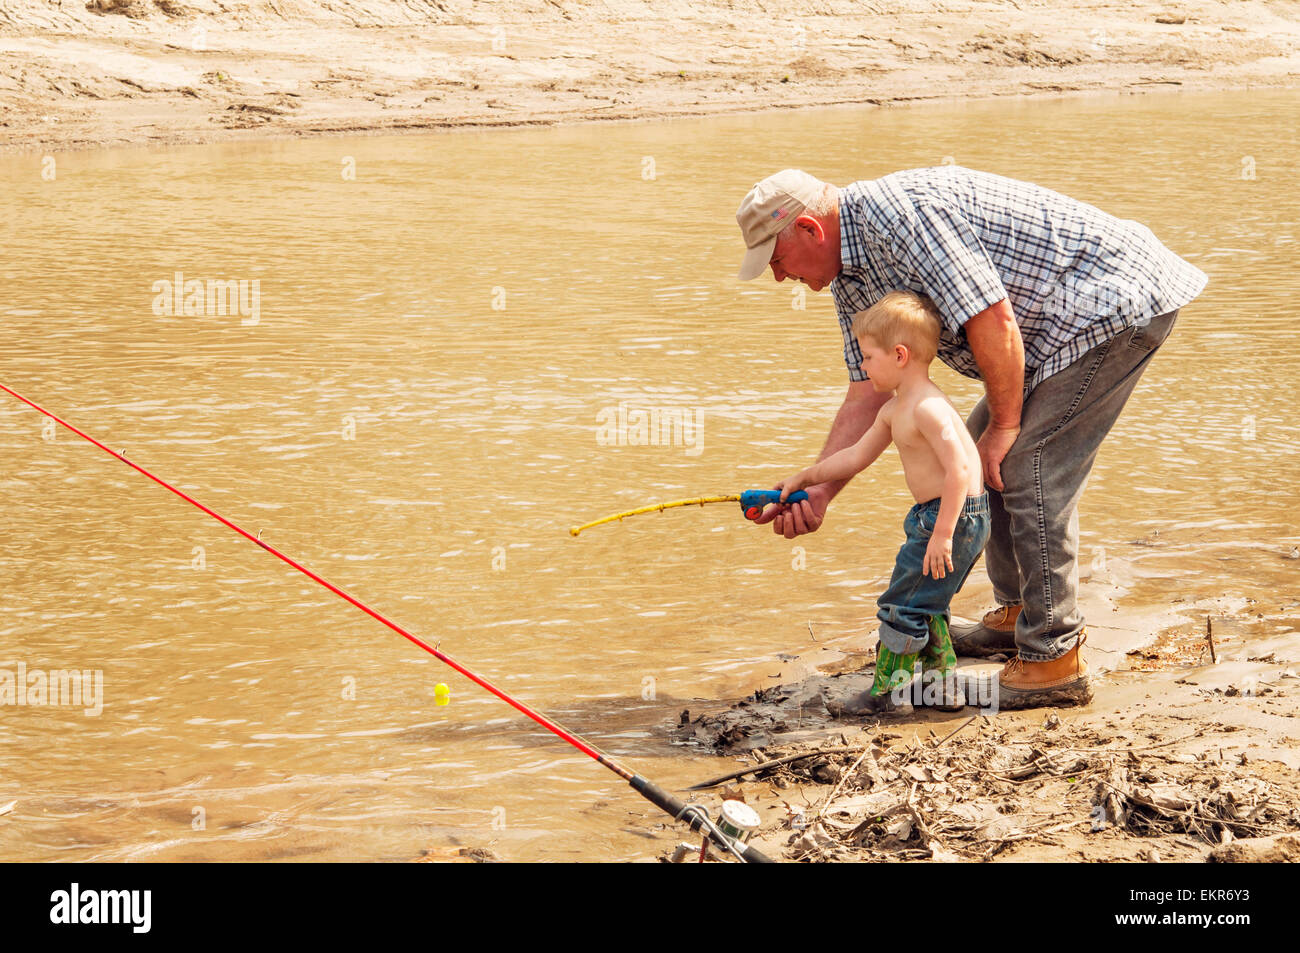 Großvater, Enkel, Fische mit Spielzeug Rute und Rolle Lehre Stockbild